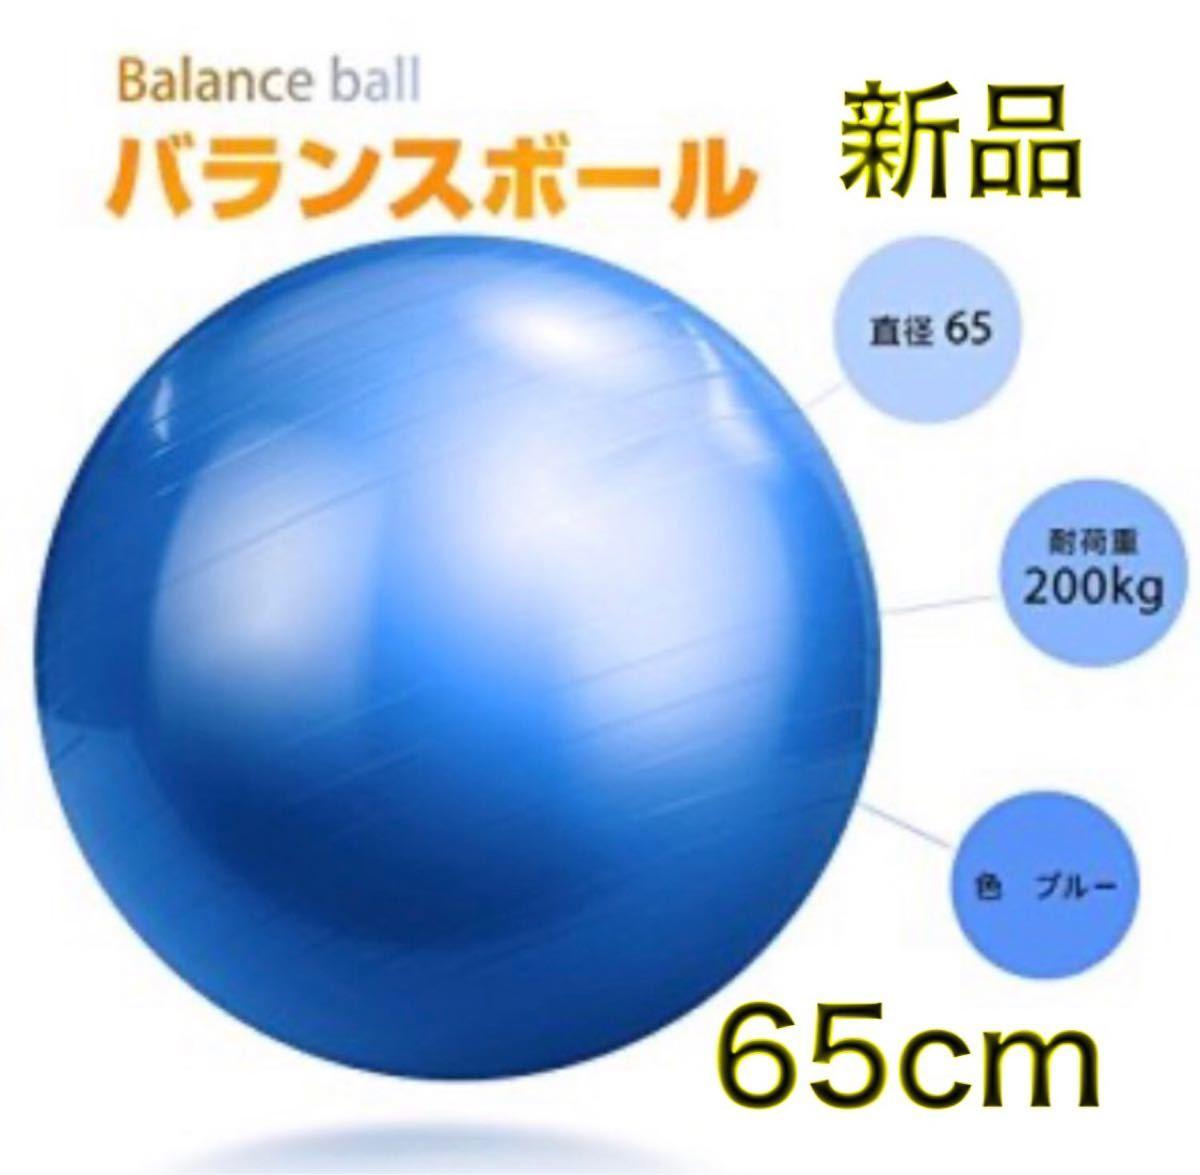 新品!プレゼント付き!即日発送!バランスボール ブルー65cm 体幹トレーニング